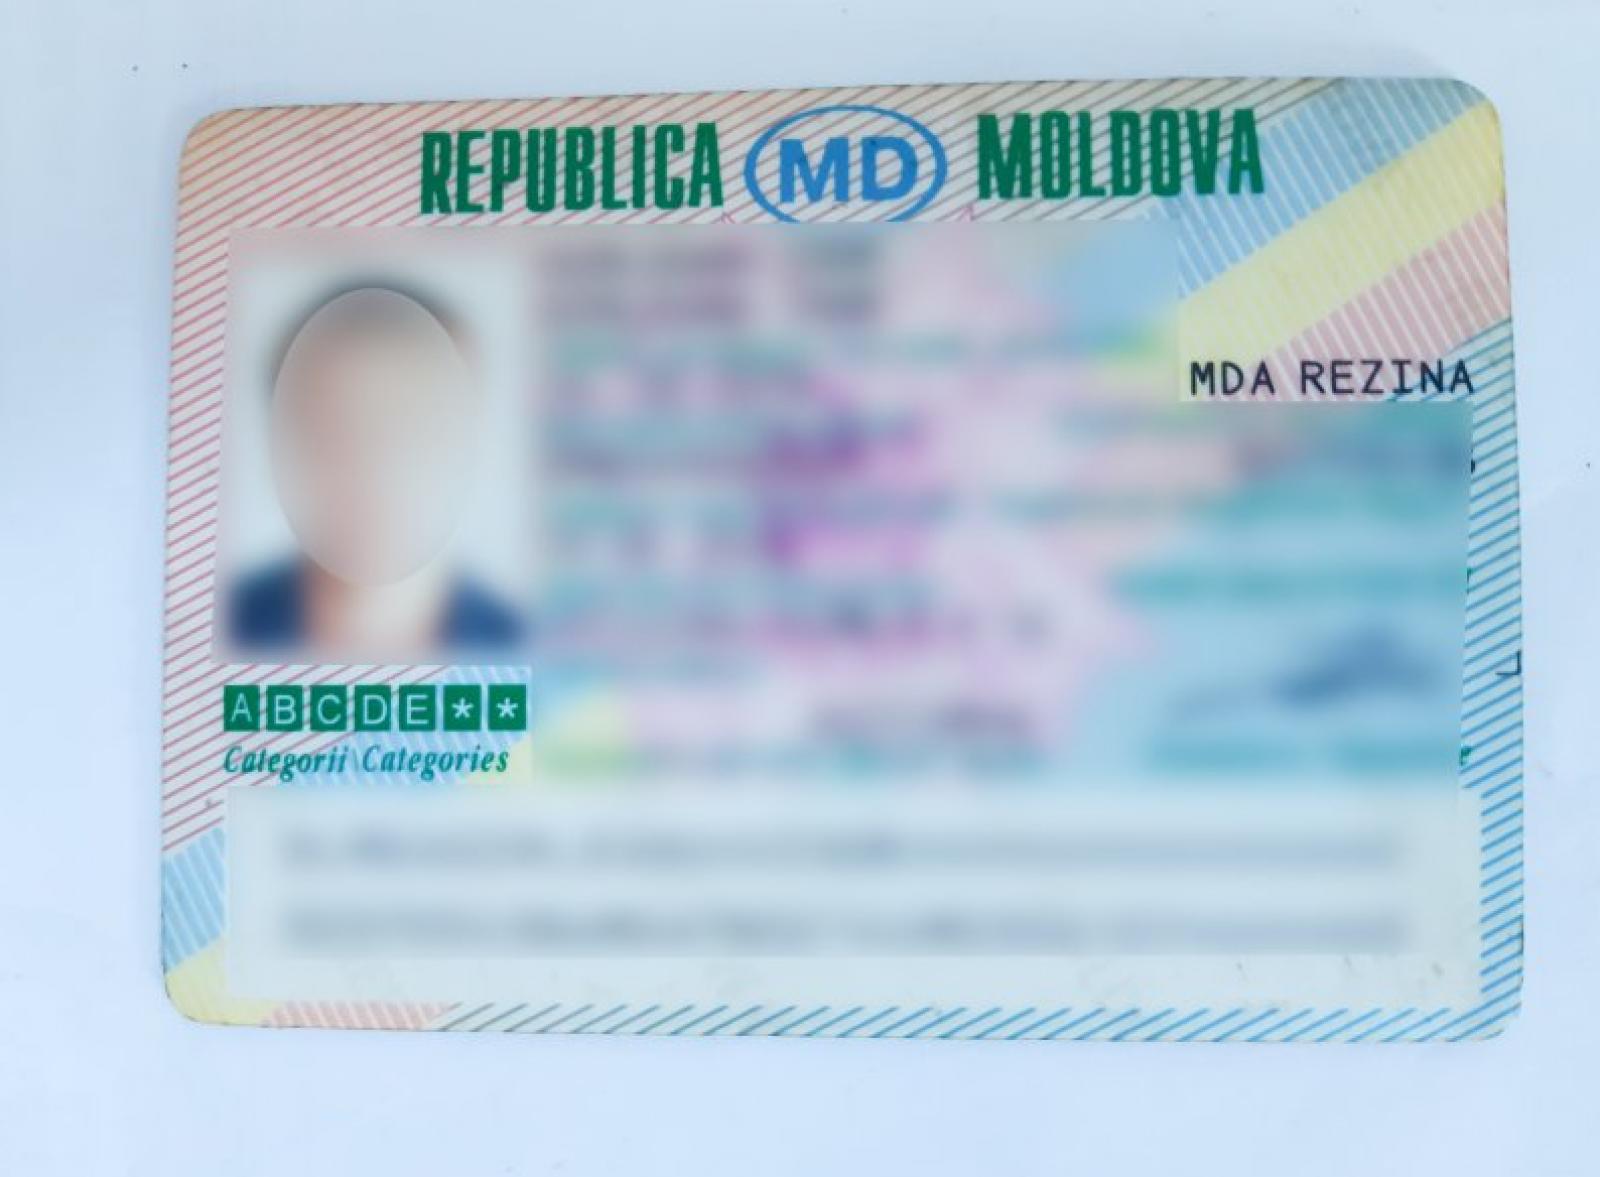 Timp de 16 ani, un moldovean a circulat cu permisul de conducere falsificat: Și-a perfectat documentul contra sumei de 150 euro